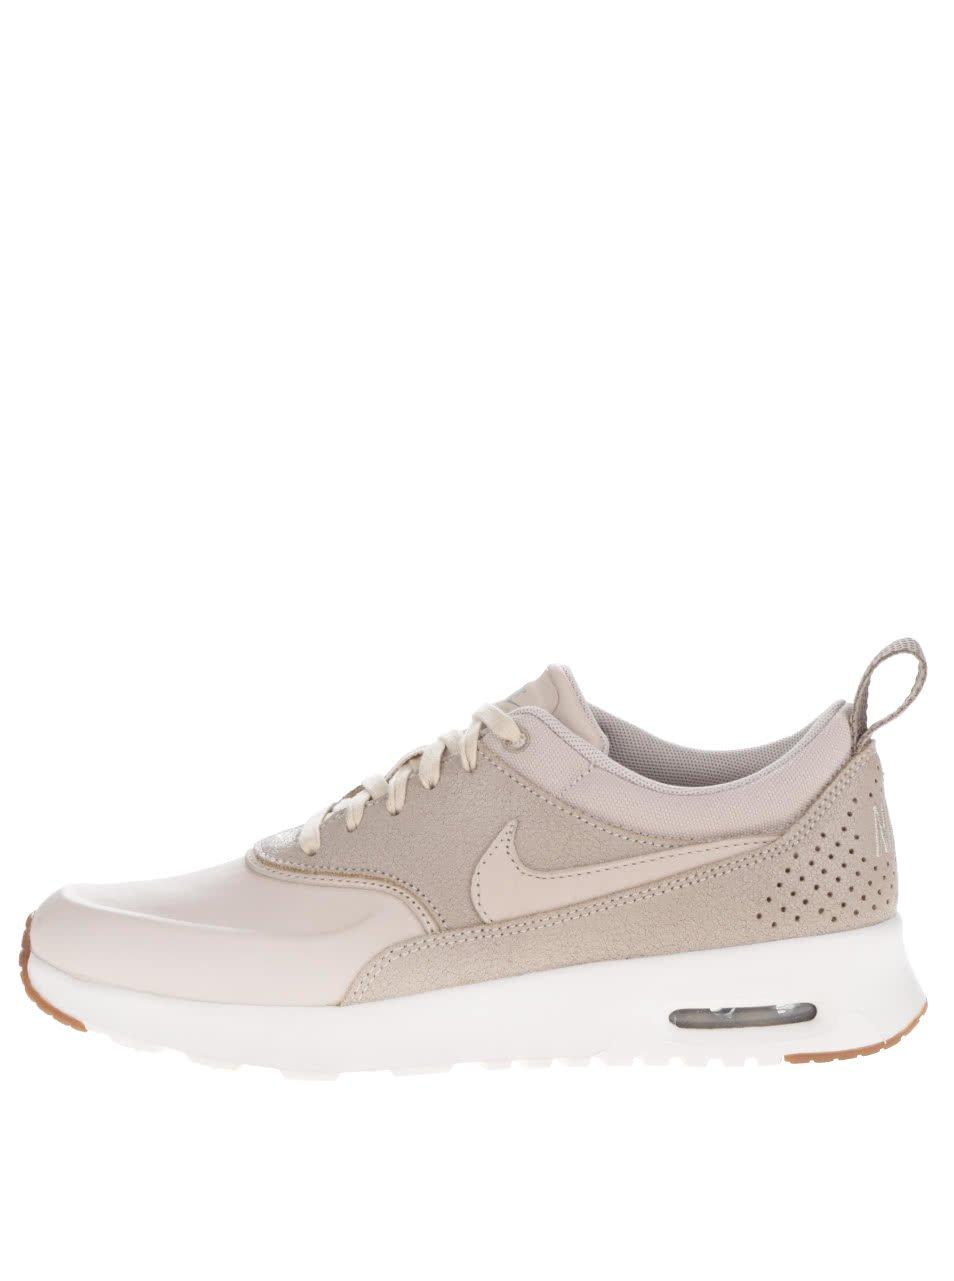 Béžové dámské kožené tenisky Nike Air Max Thea Premium